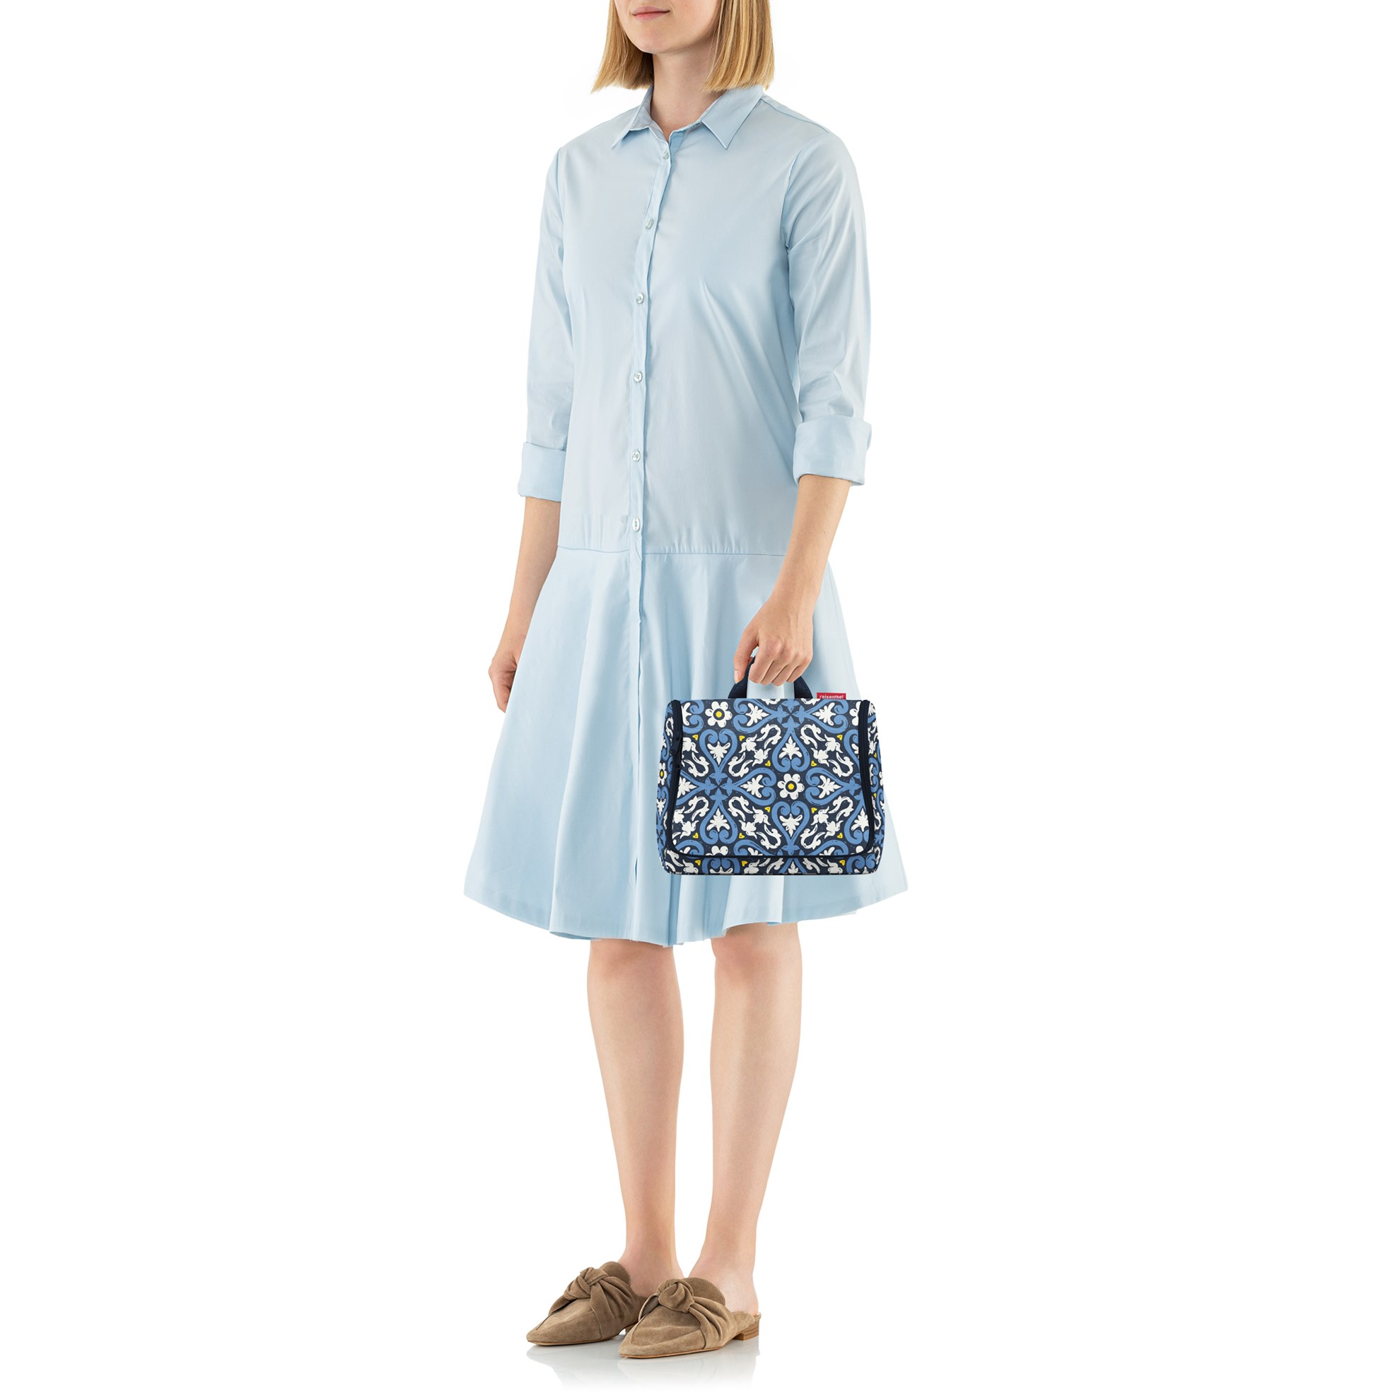 Kosmetická taška Toiletbag XL floral 1_1